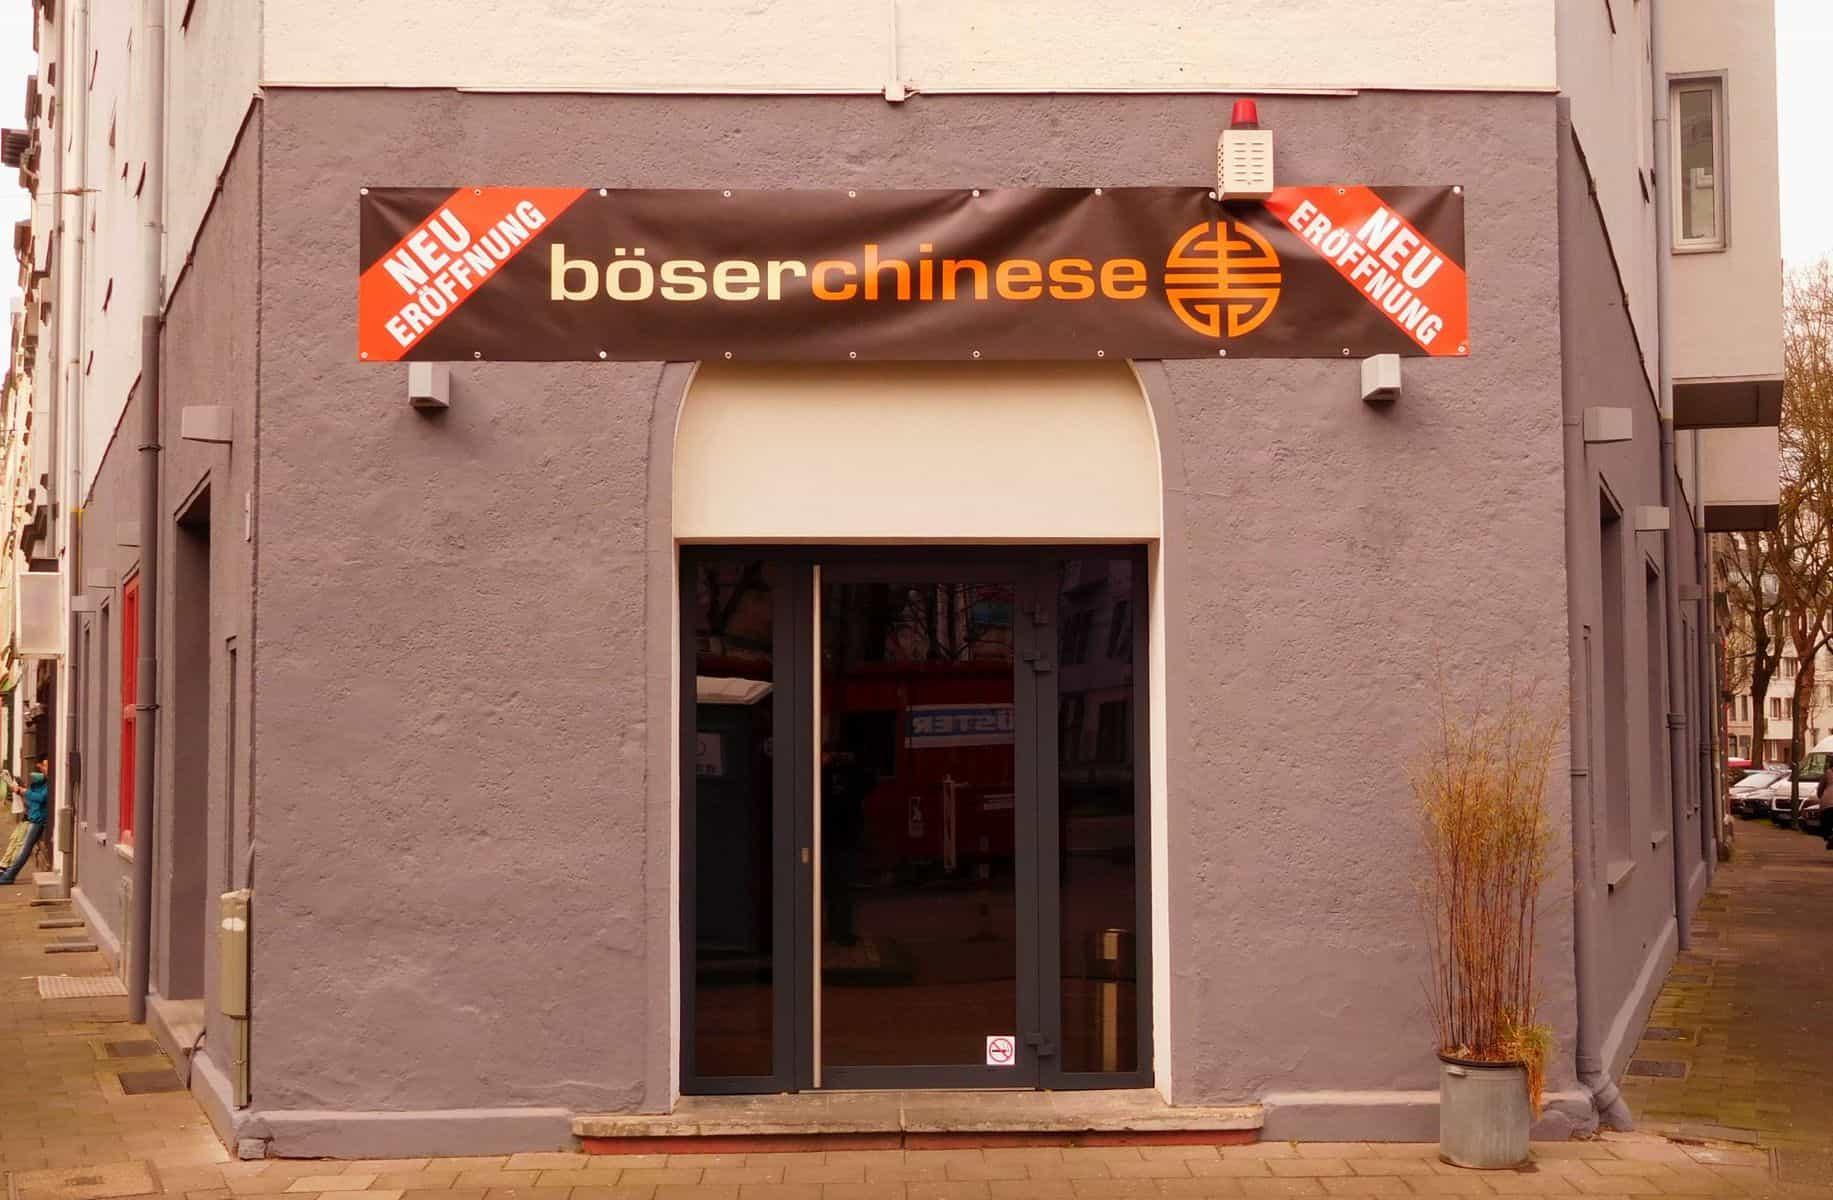 Der Böse Chinese in Flingern kurz nach der Eröffnung